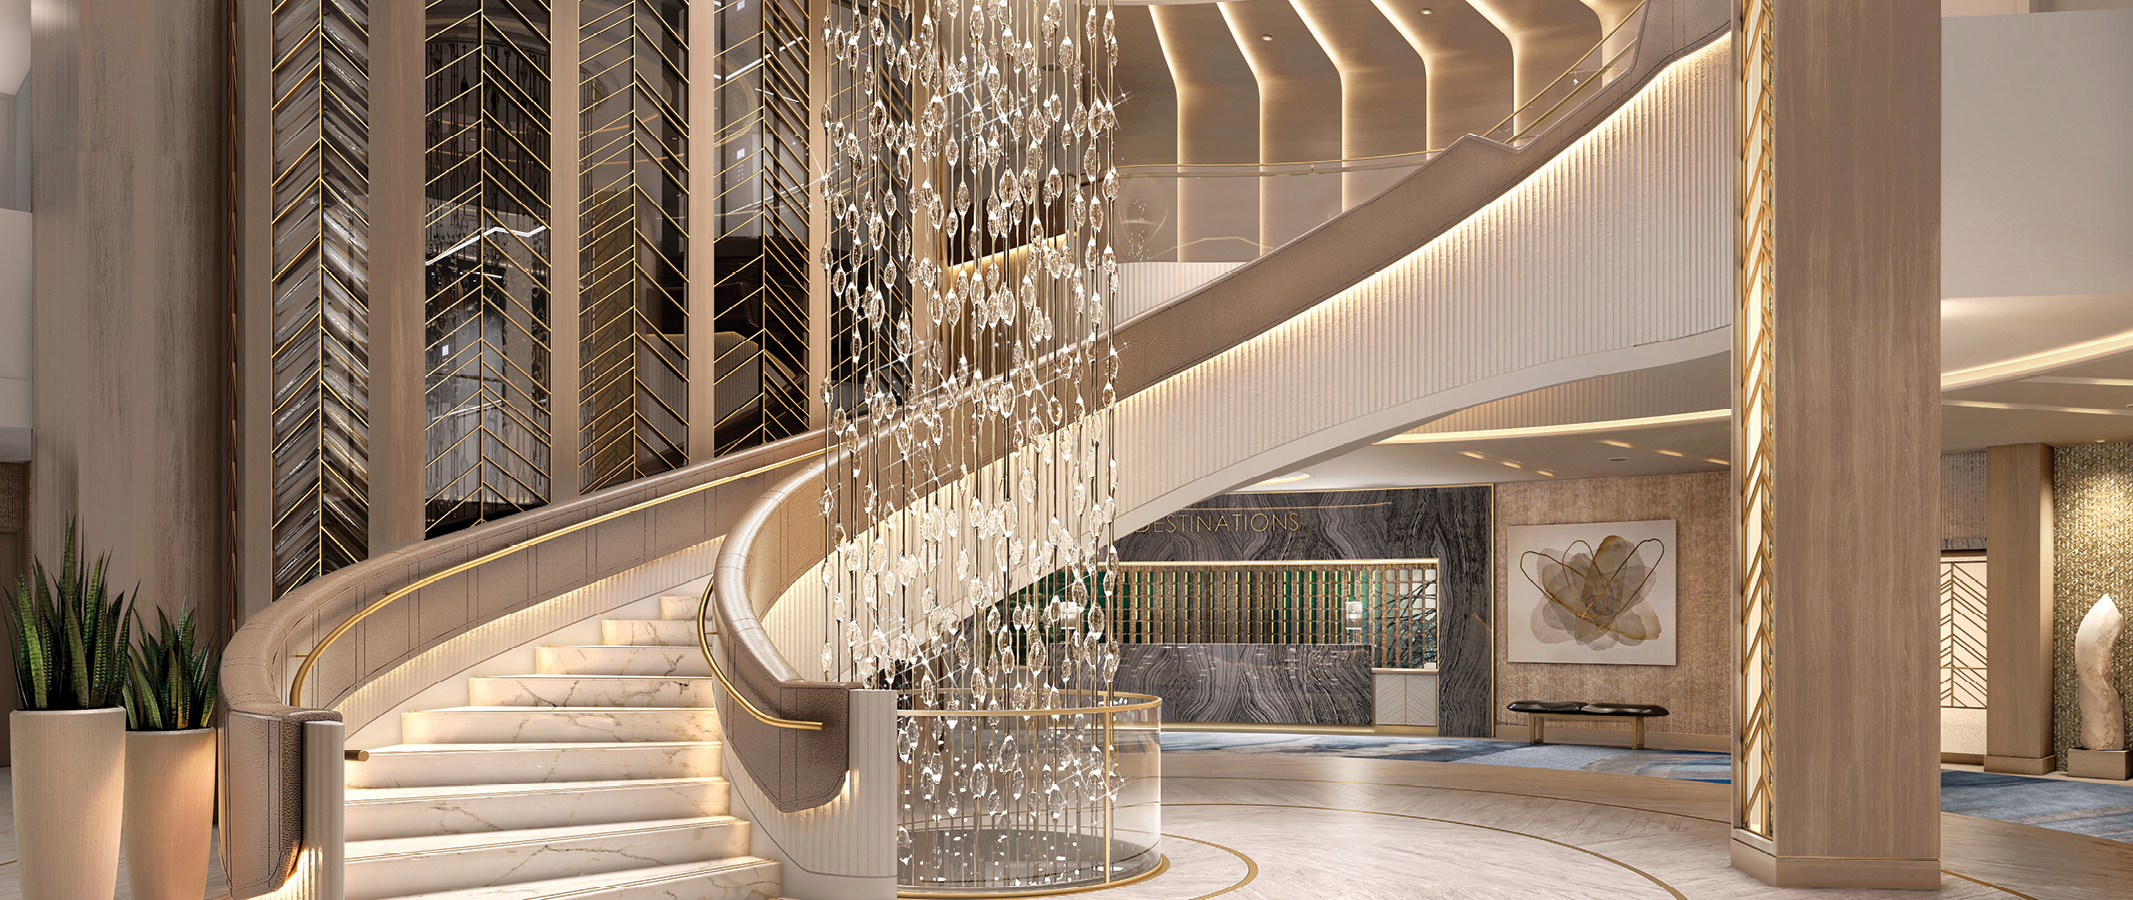 Oceania Vista Grand Staircase